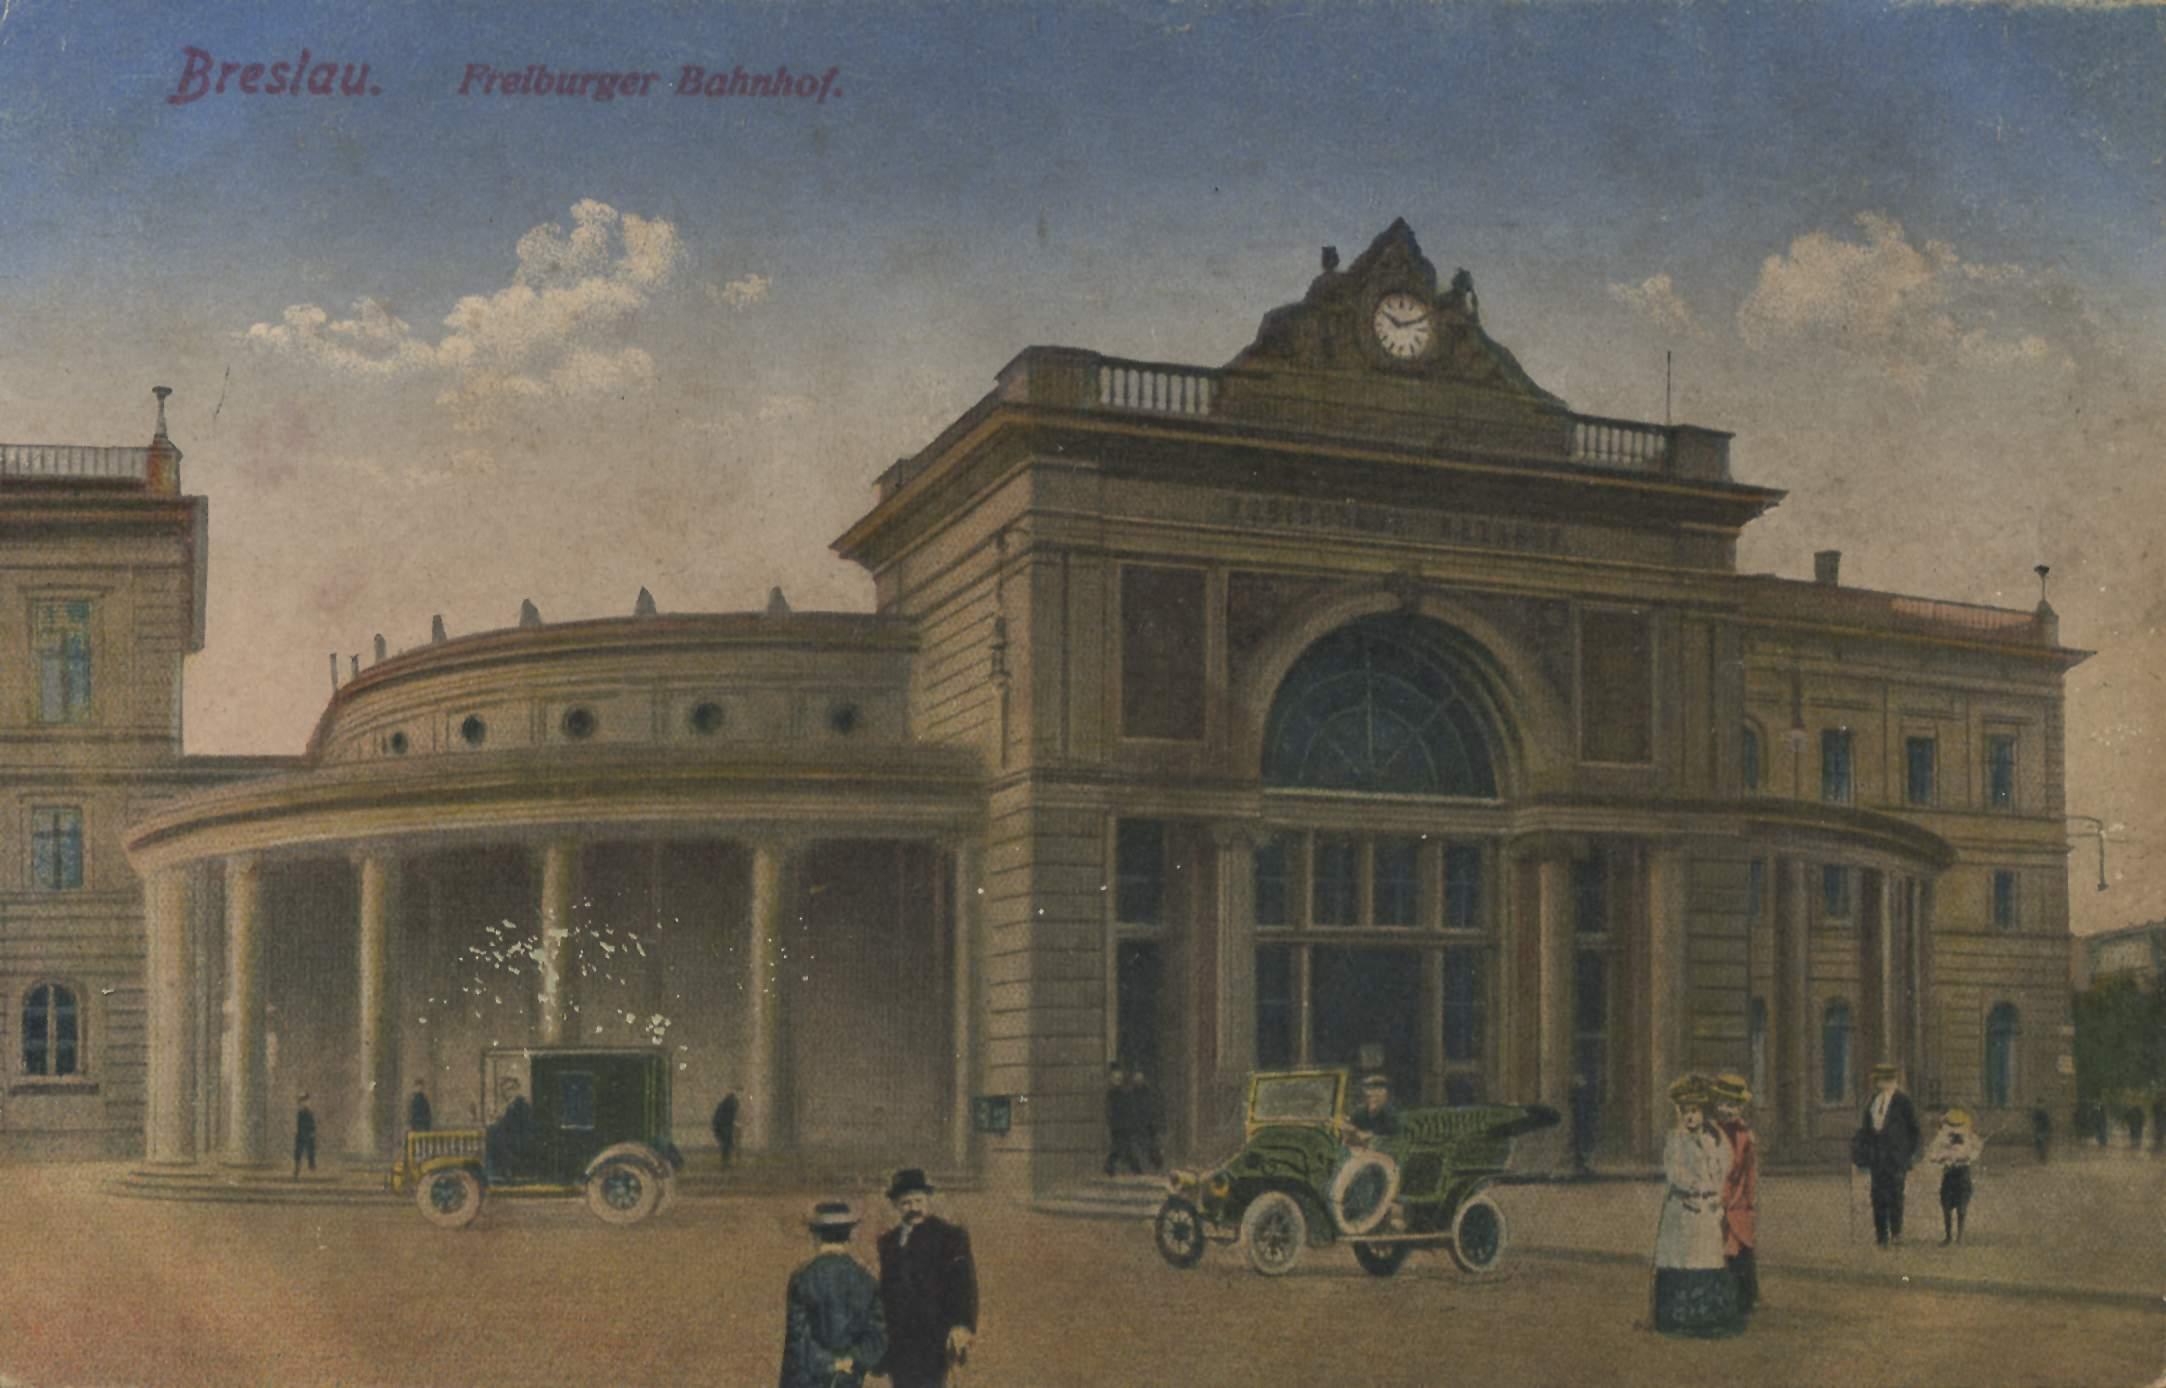 http://www.zeno.org/Ansichtskarten.images/I/AK02277a.jpg